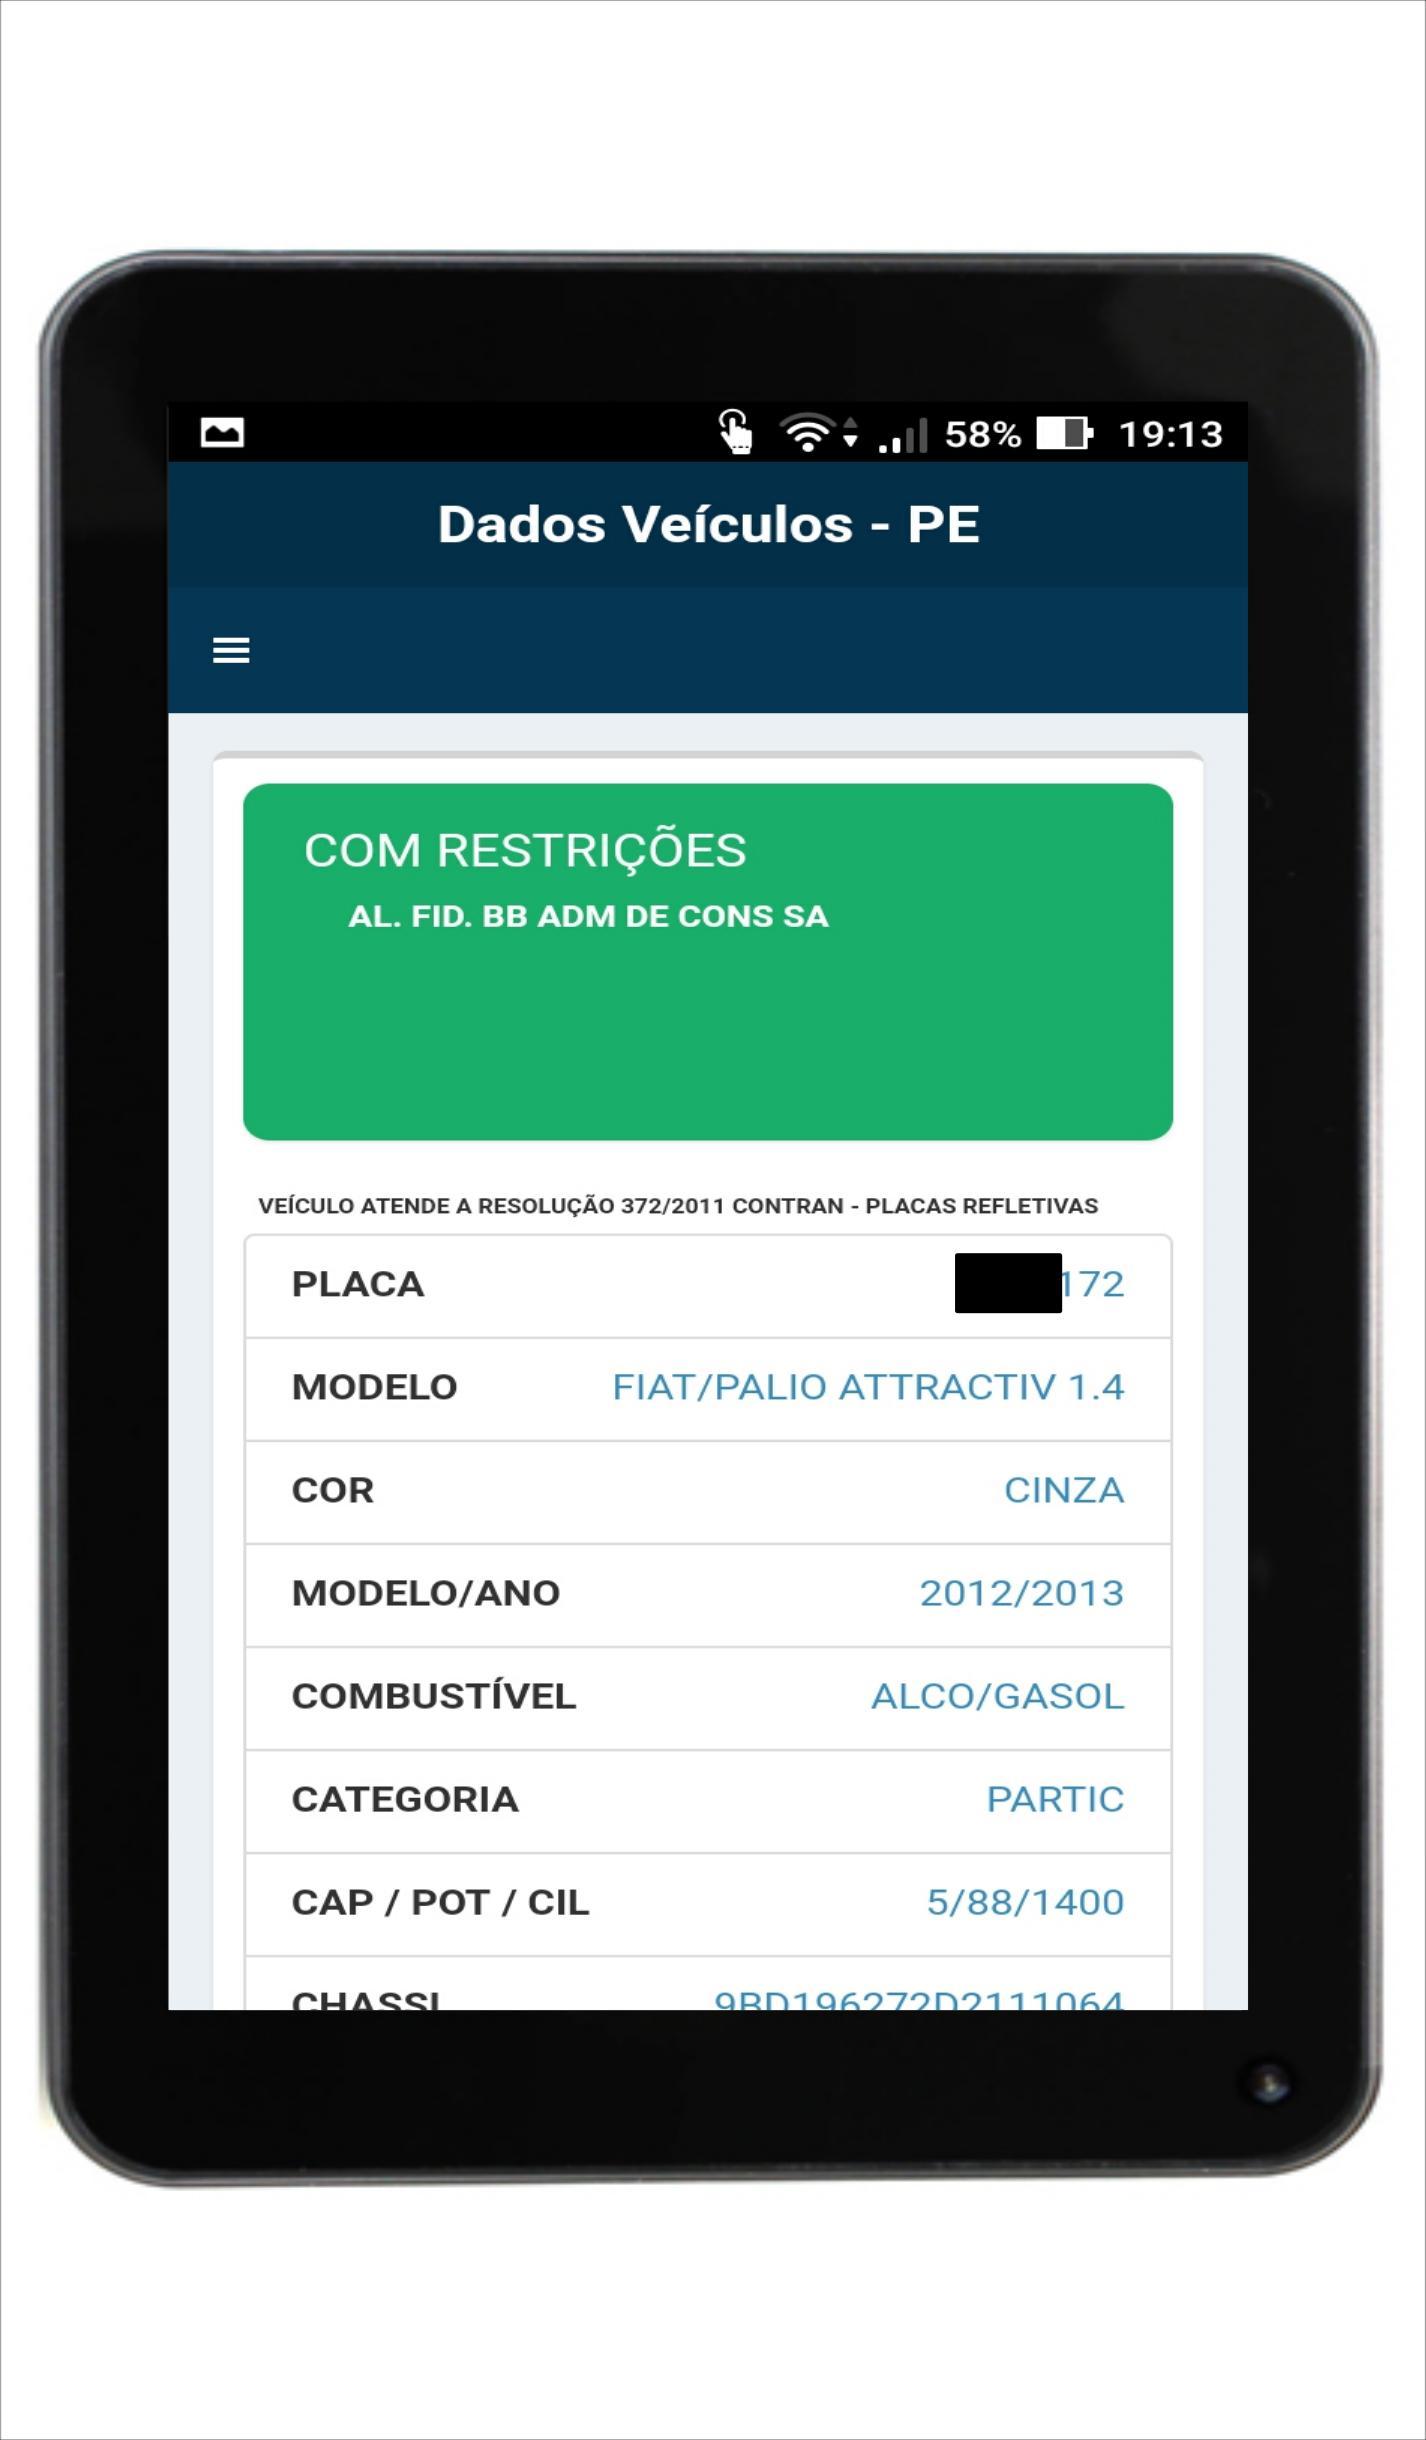 Detran PE - Consulta Veículos para Android - APK Baixar